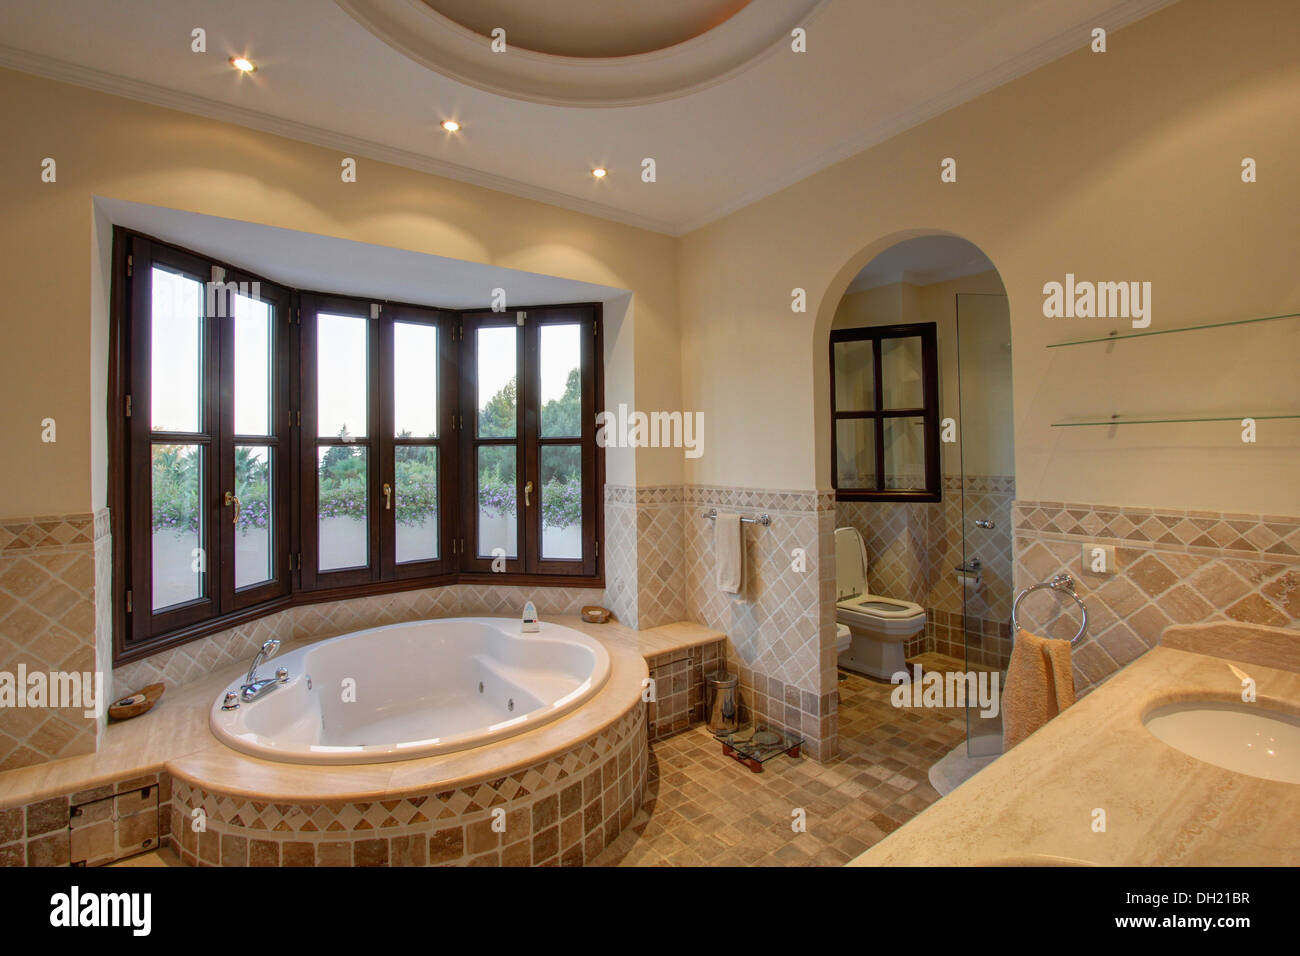 Une baignoire spa ovale ci-dessous fenêtre en baie en espagnol ...